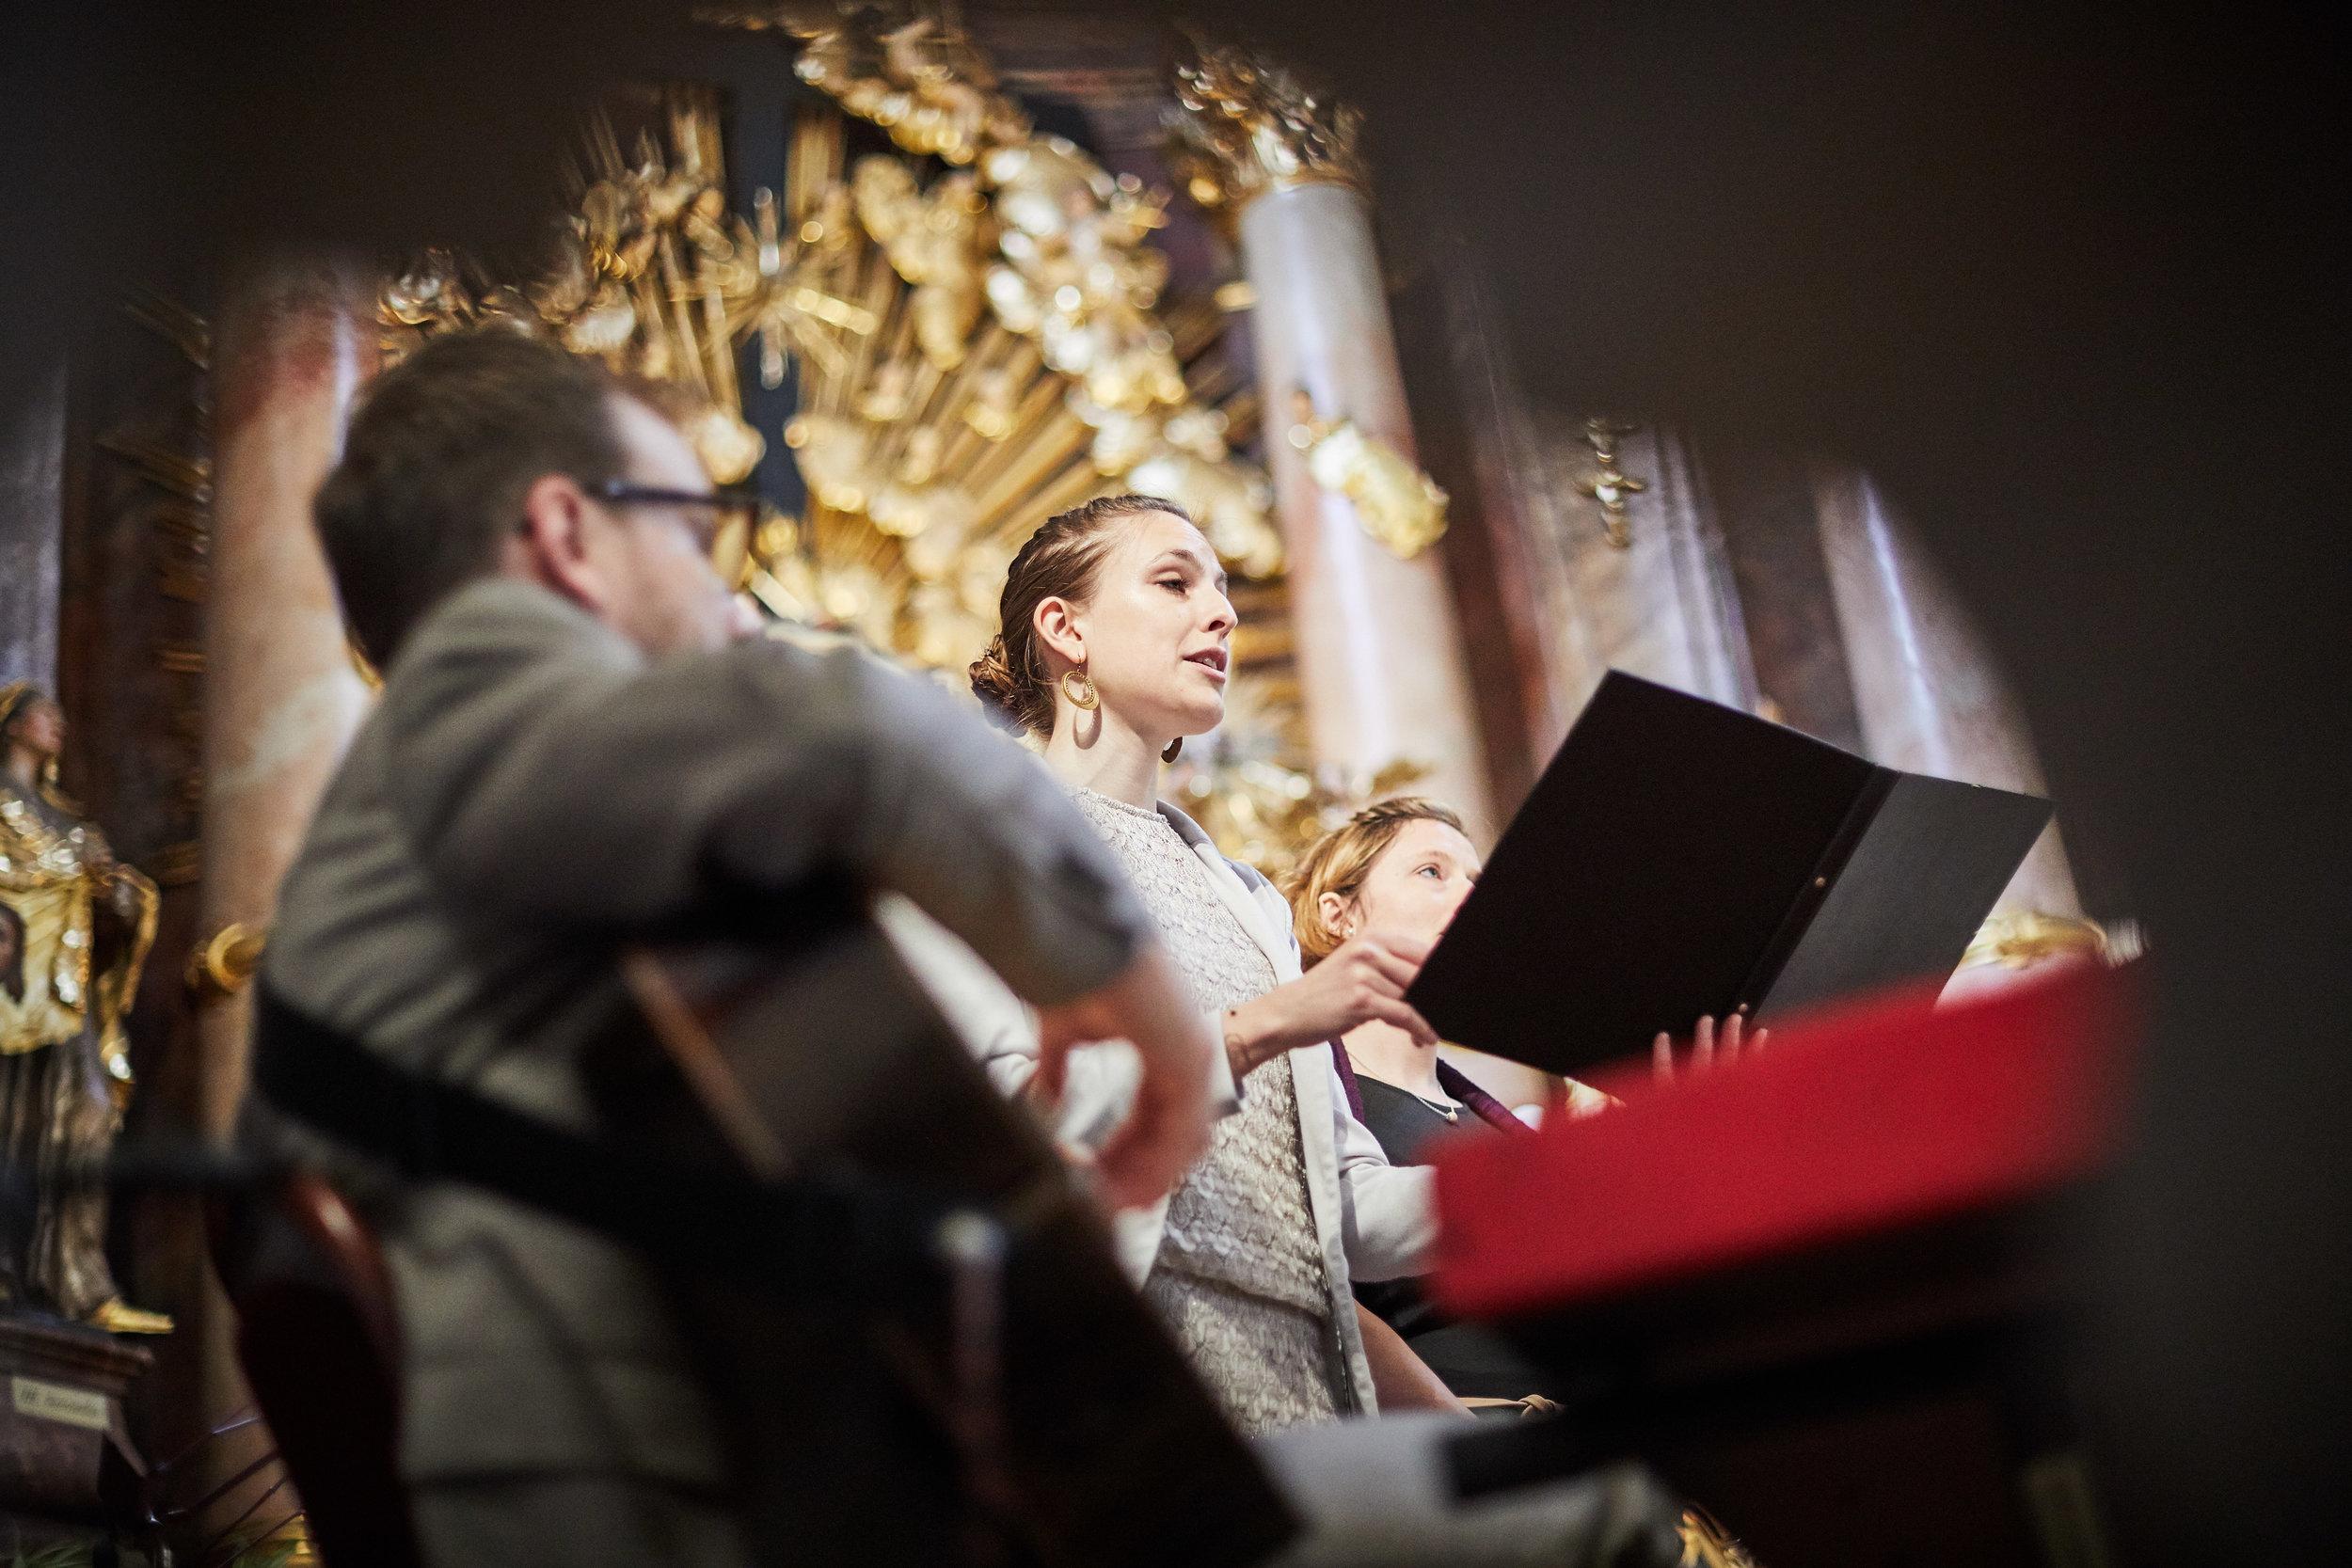 Hochzeit-Kathi-SiegiHochzeit Kathi und Siegi_31A5891.jpg